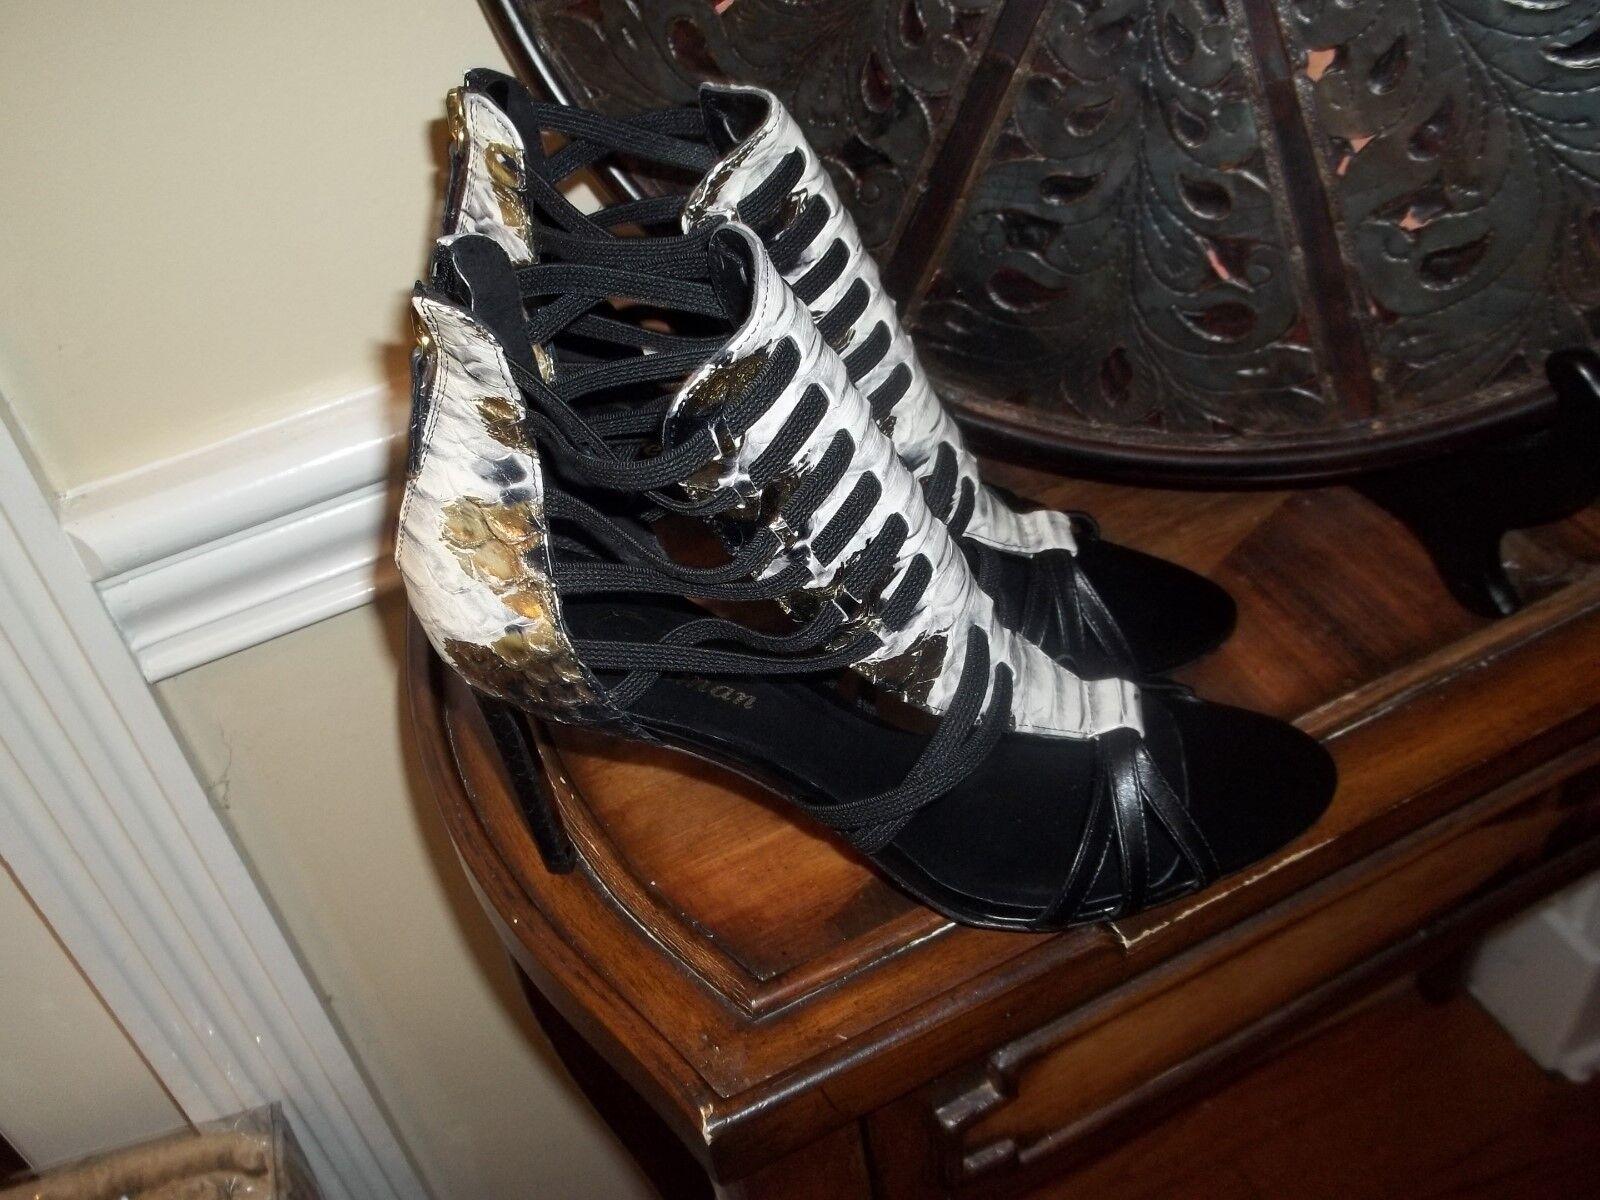 Nuova Delman nero Off  bianca Snake Print Strappy High Heel Sandal scarpe 9.5  negozi al dettaglio